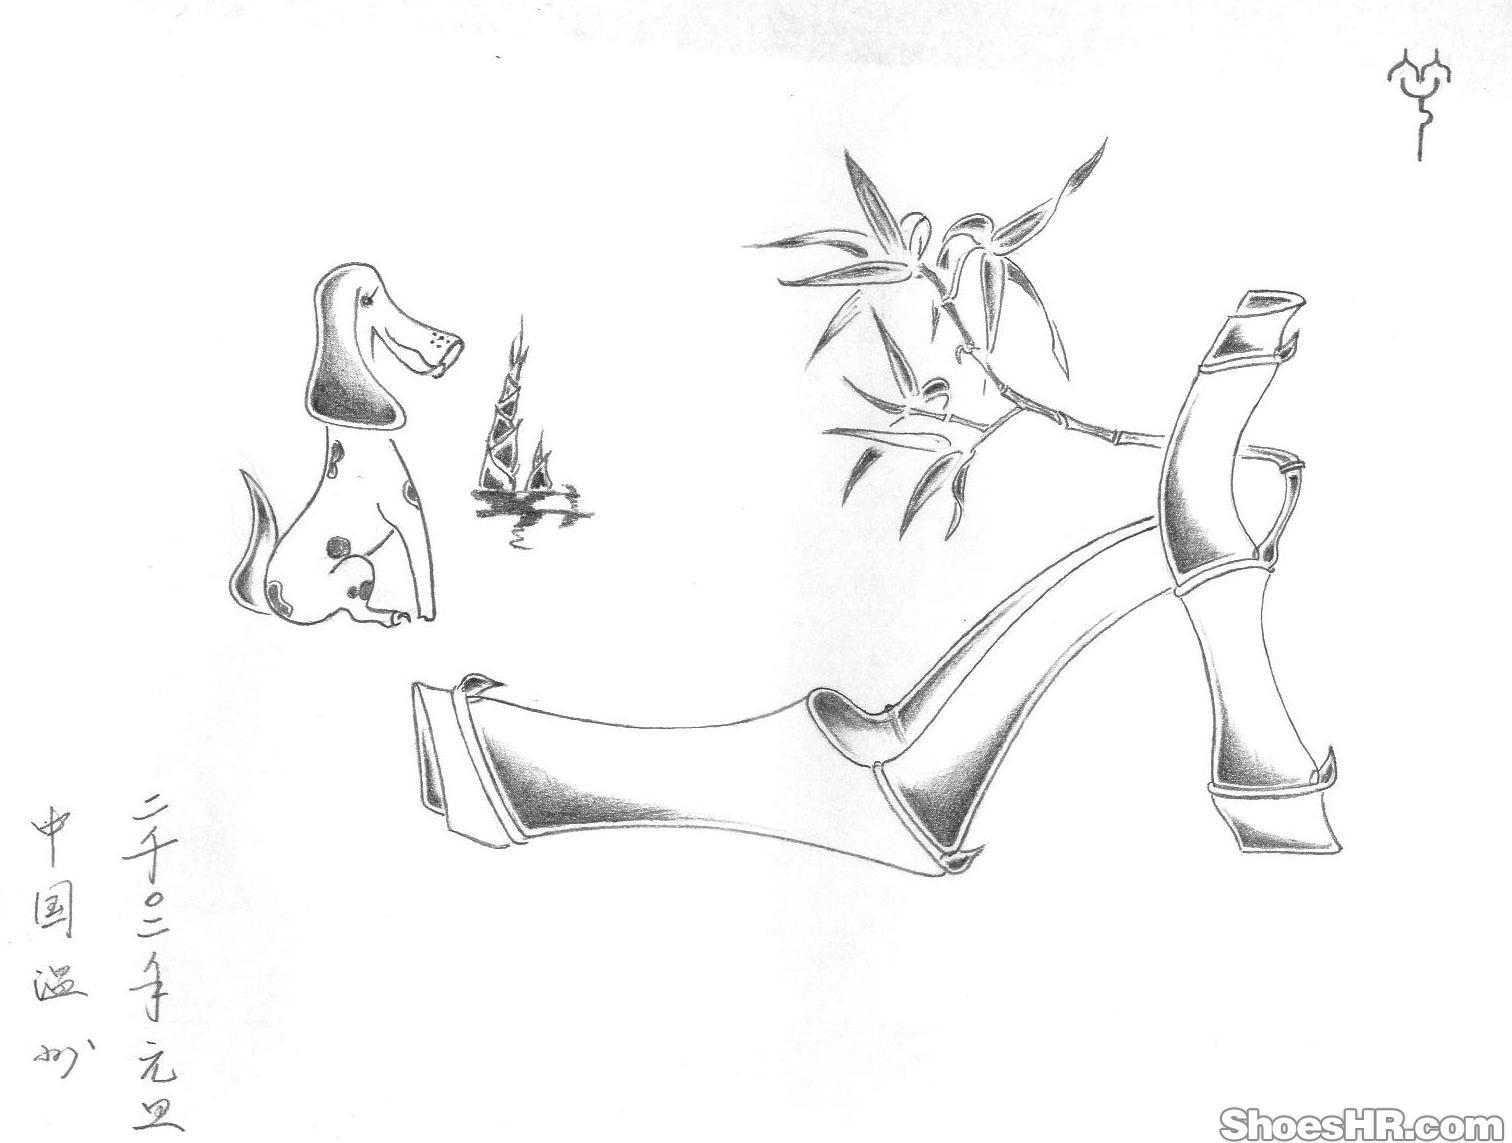 网站首页 作品欣赏 作品分类:素描/油画 > 获奖创意手稿——竹鞋图片